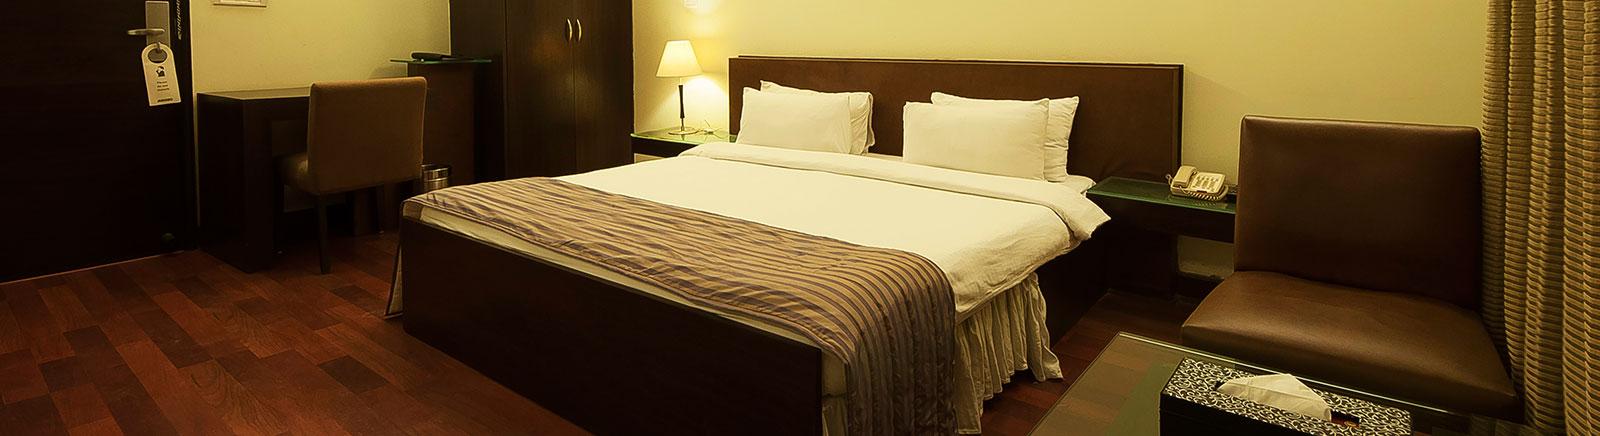 Room of Ginger Gurugram Hotel